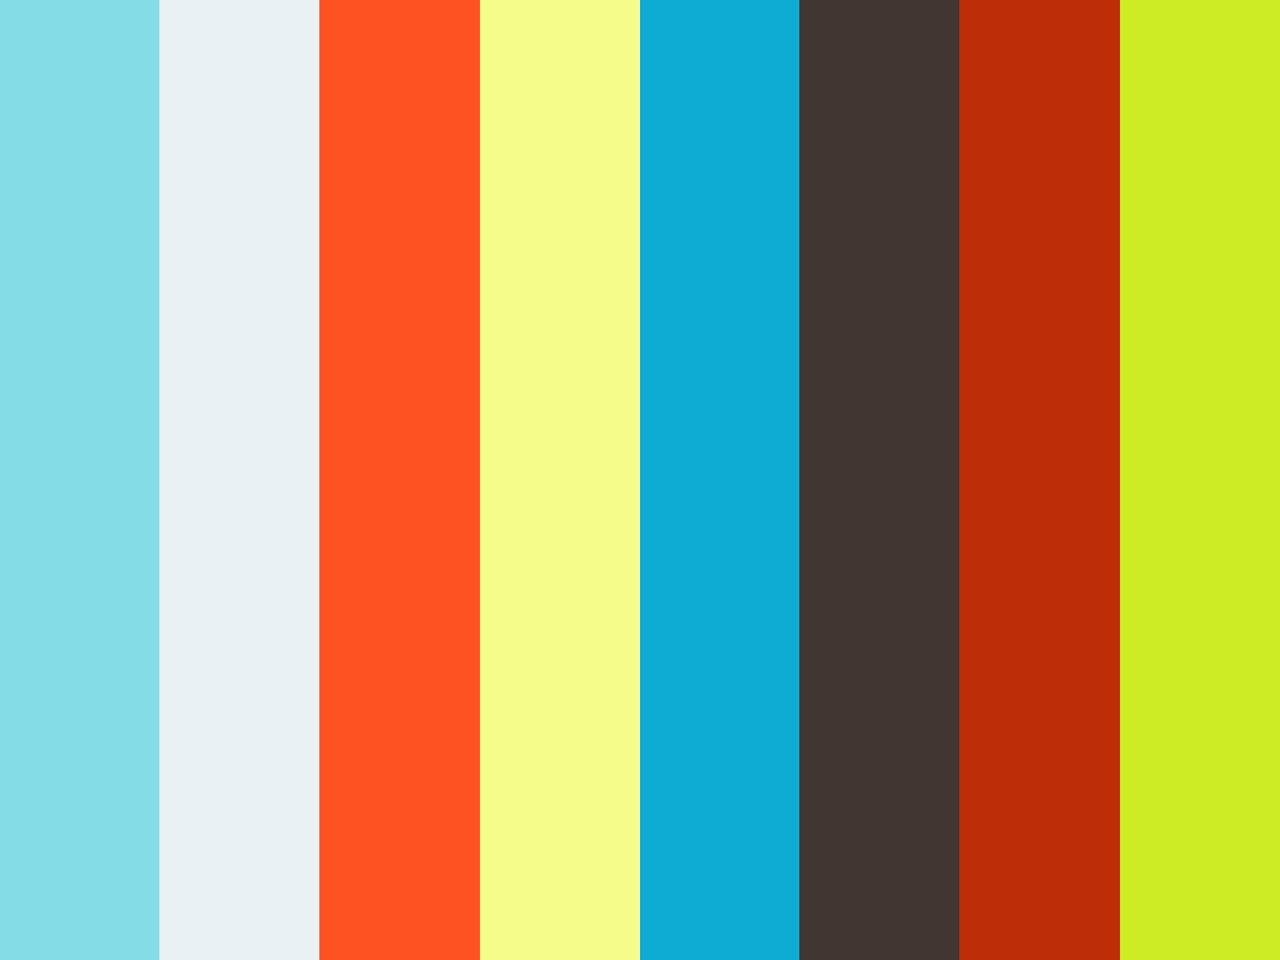 093016 庆祝中华人民共和国成立67周年芝加哥戴利广场升国旗